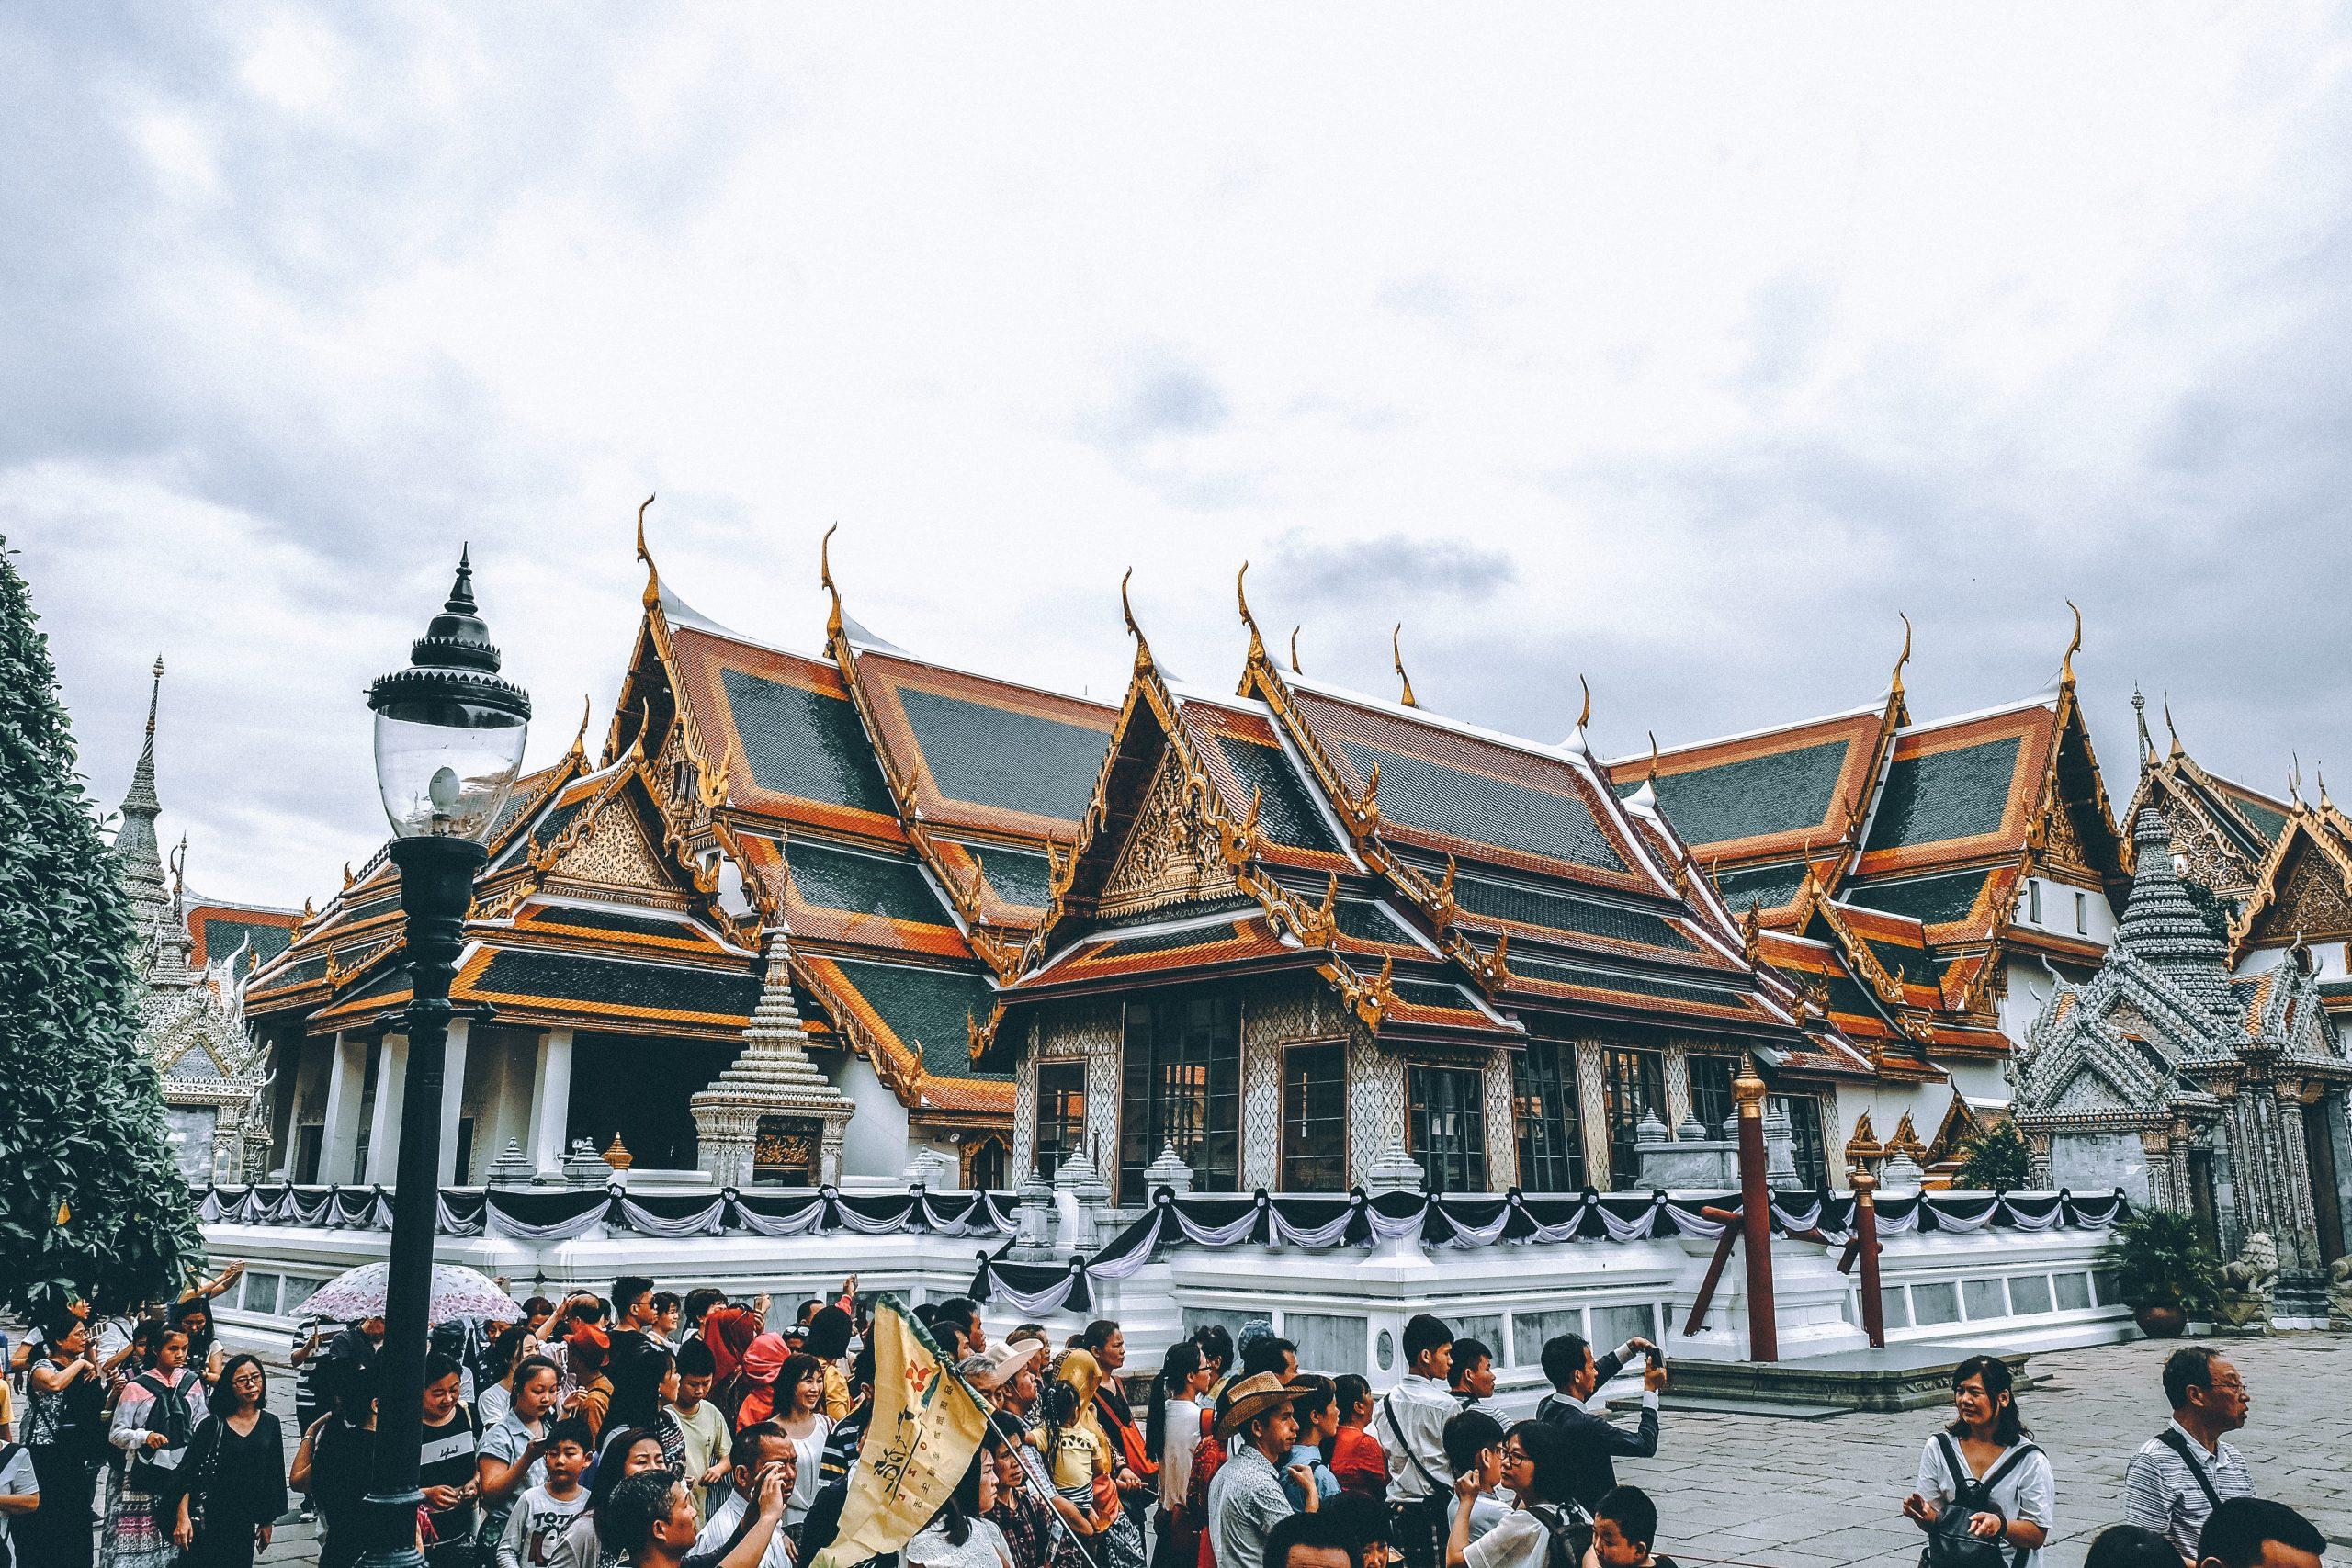 palazzo reale bangkok come arrivare, prezzi, orari e storia